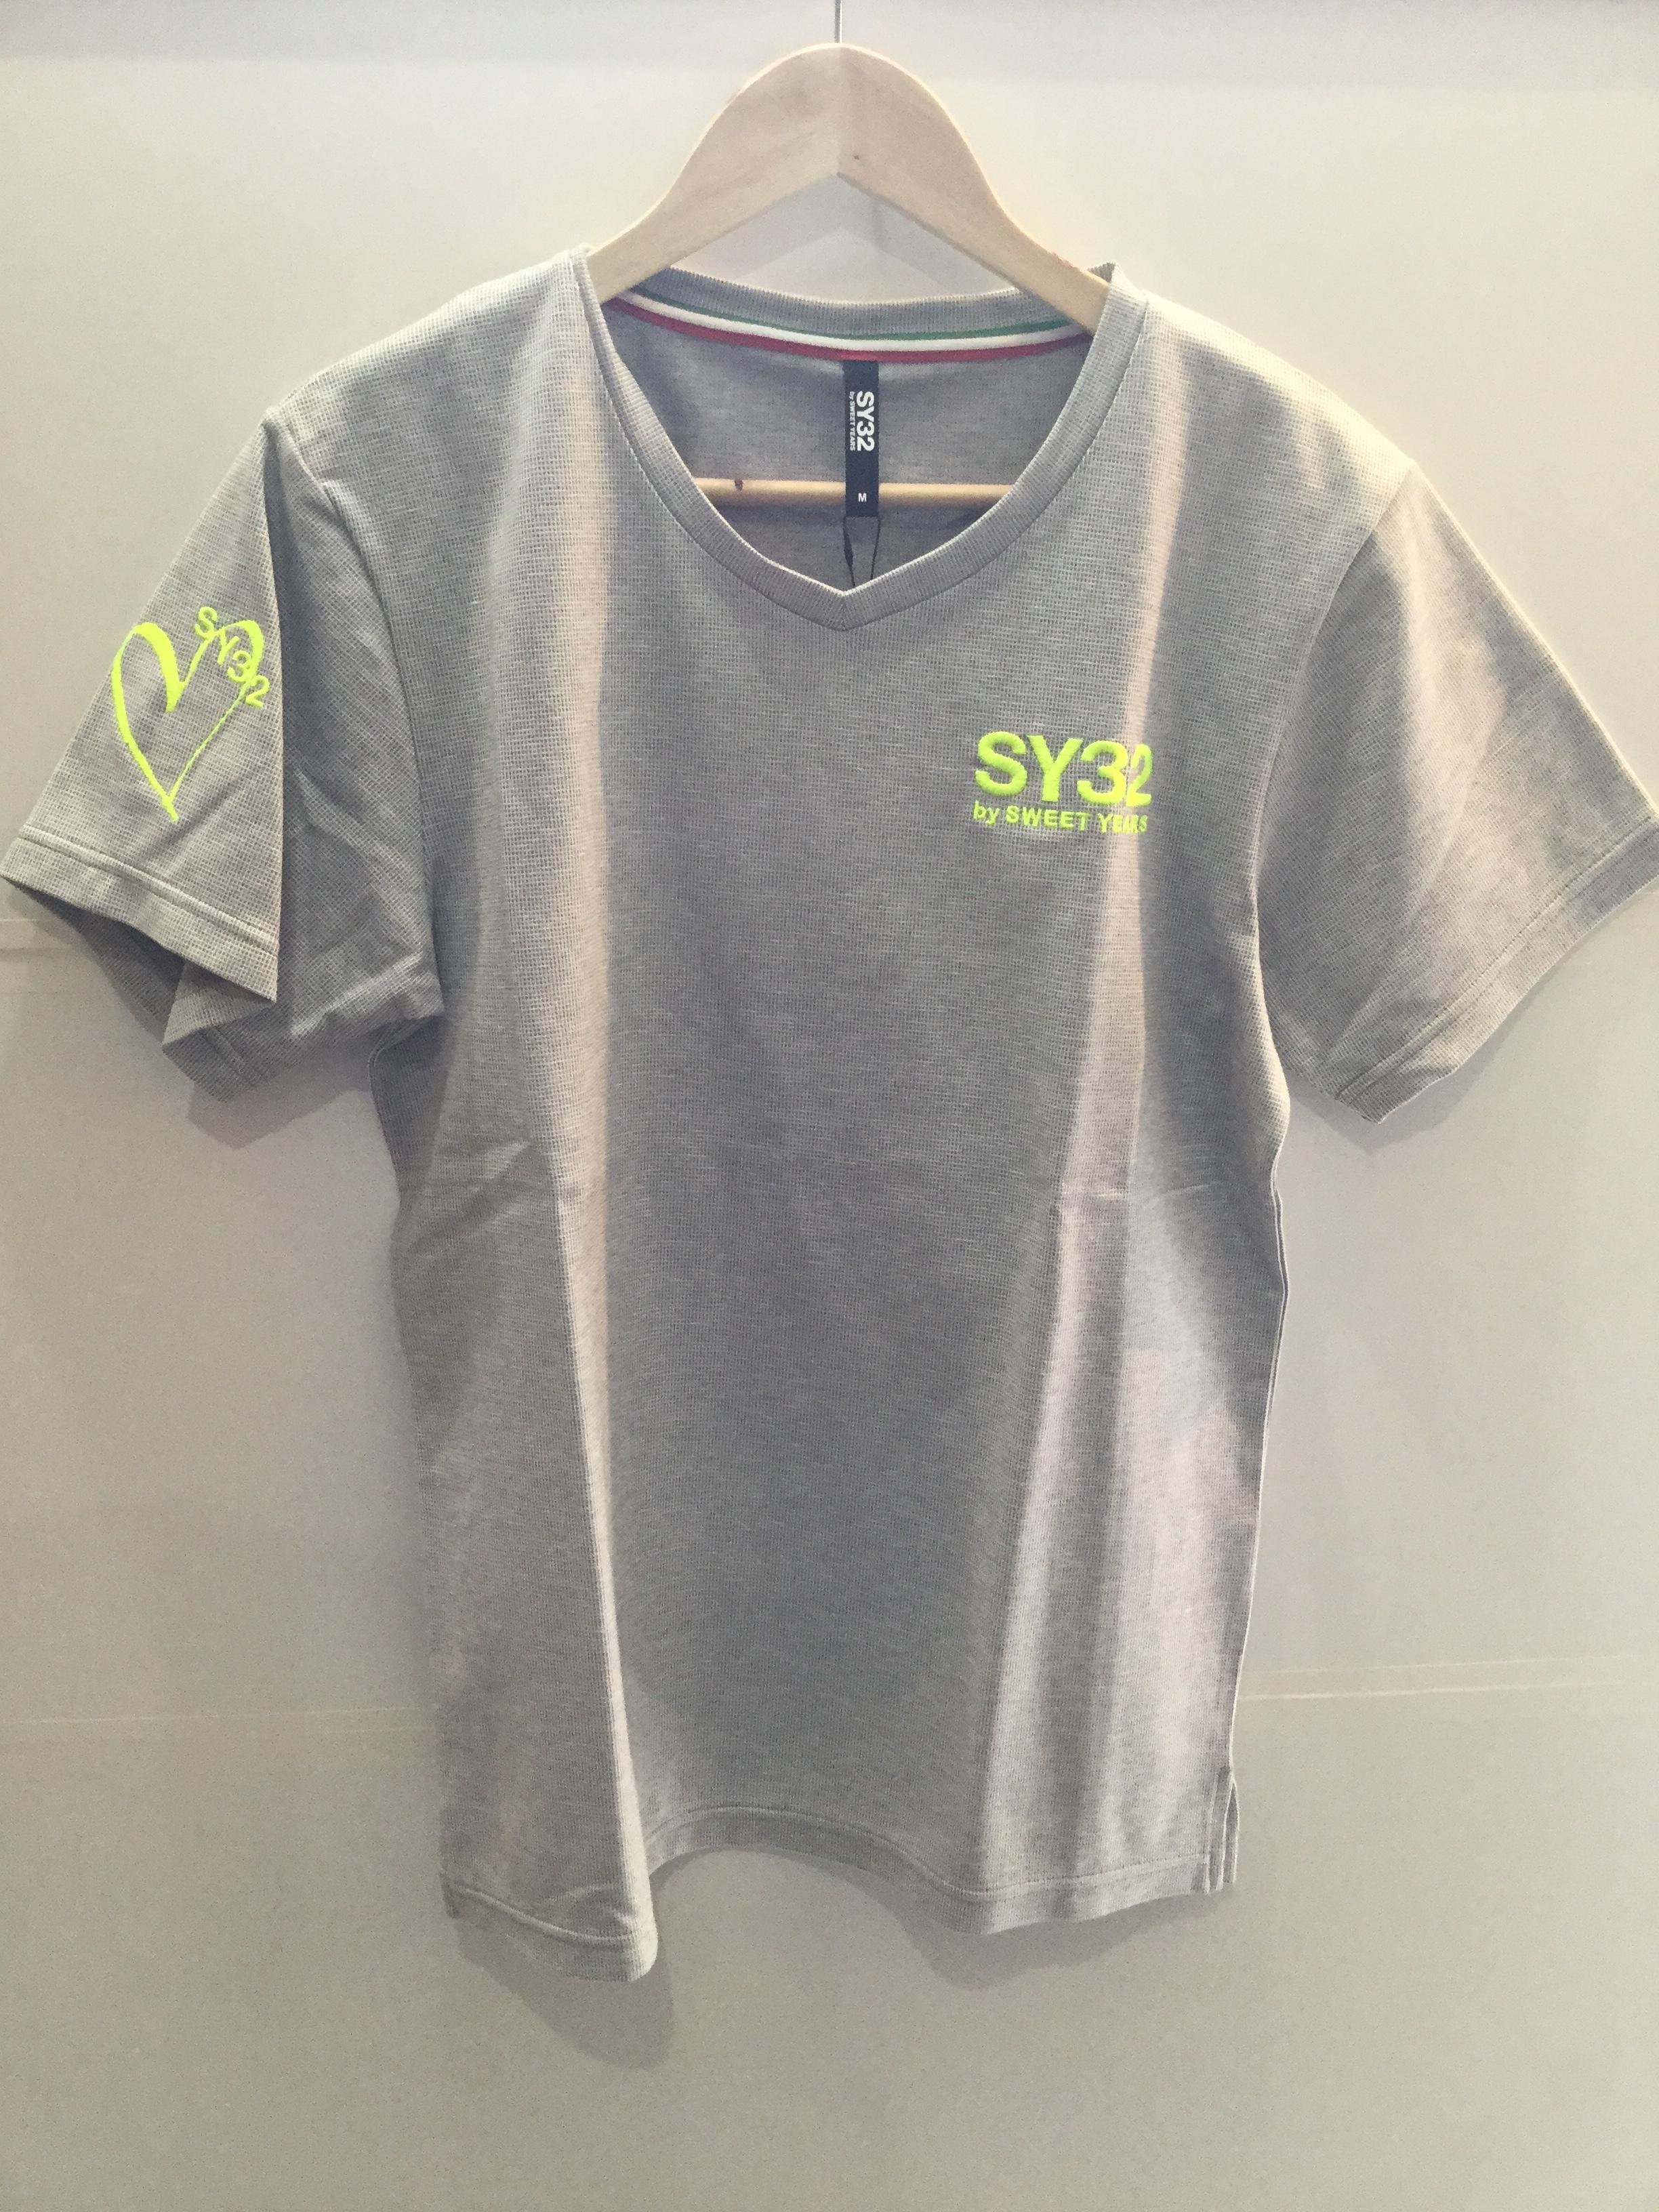 SY32 クールマックスVネックTシャツ(7253)